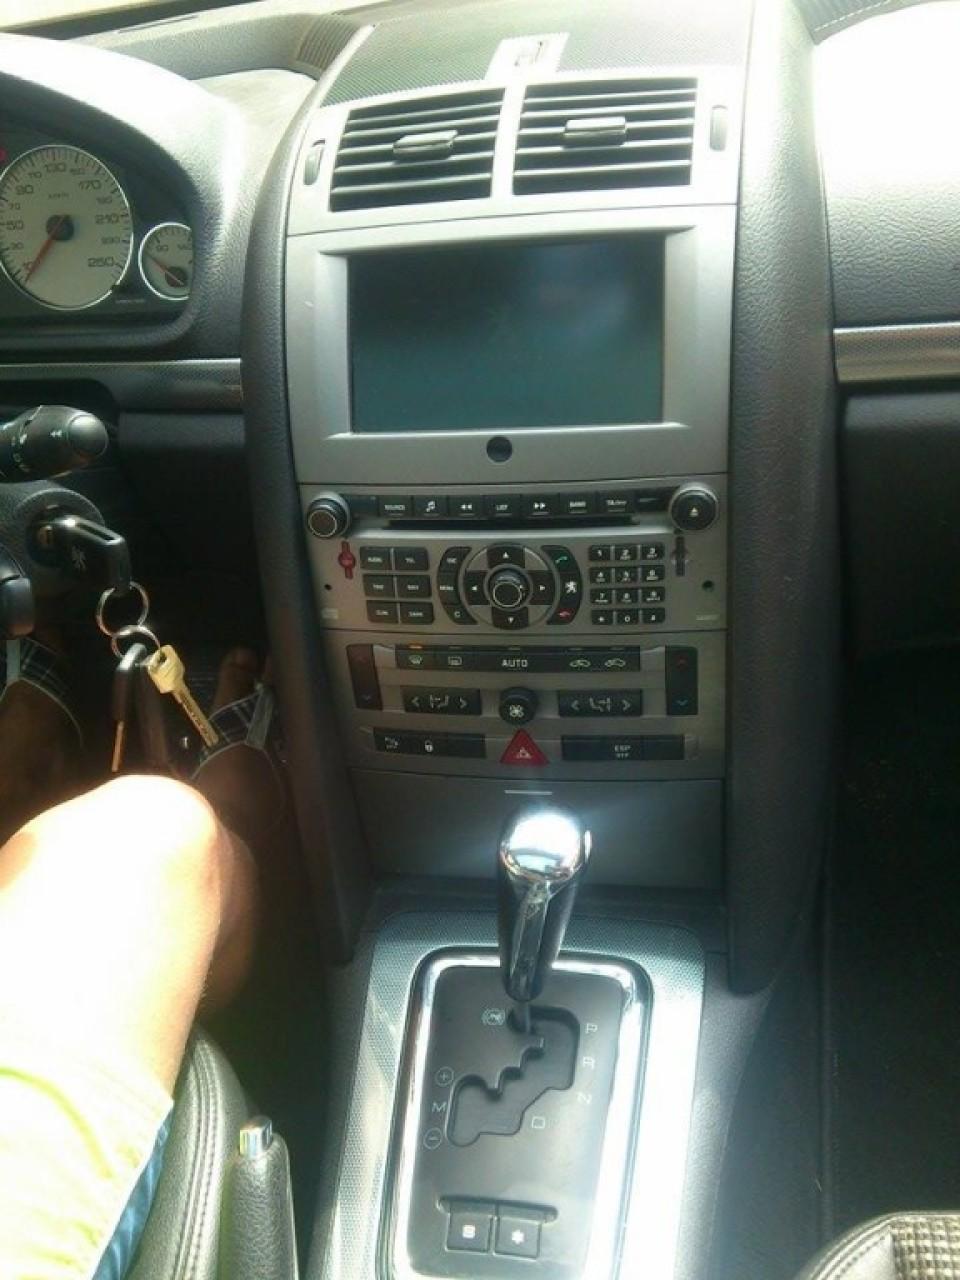 Dezmembrez Peugeot 407 Sw 2.0 Hdi Automat 4 Trepte